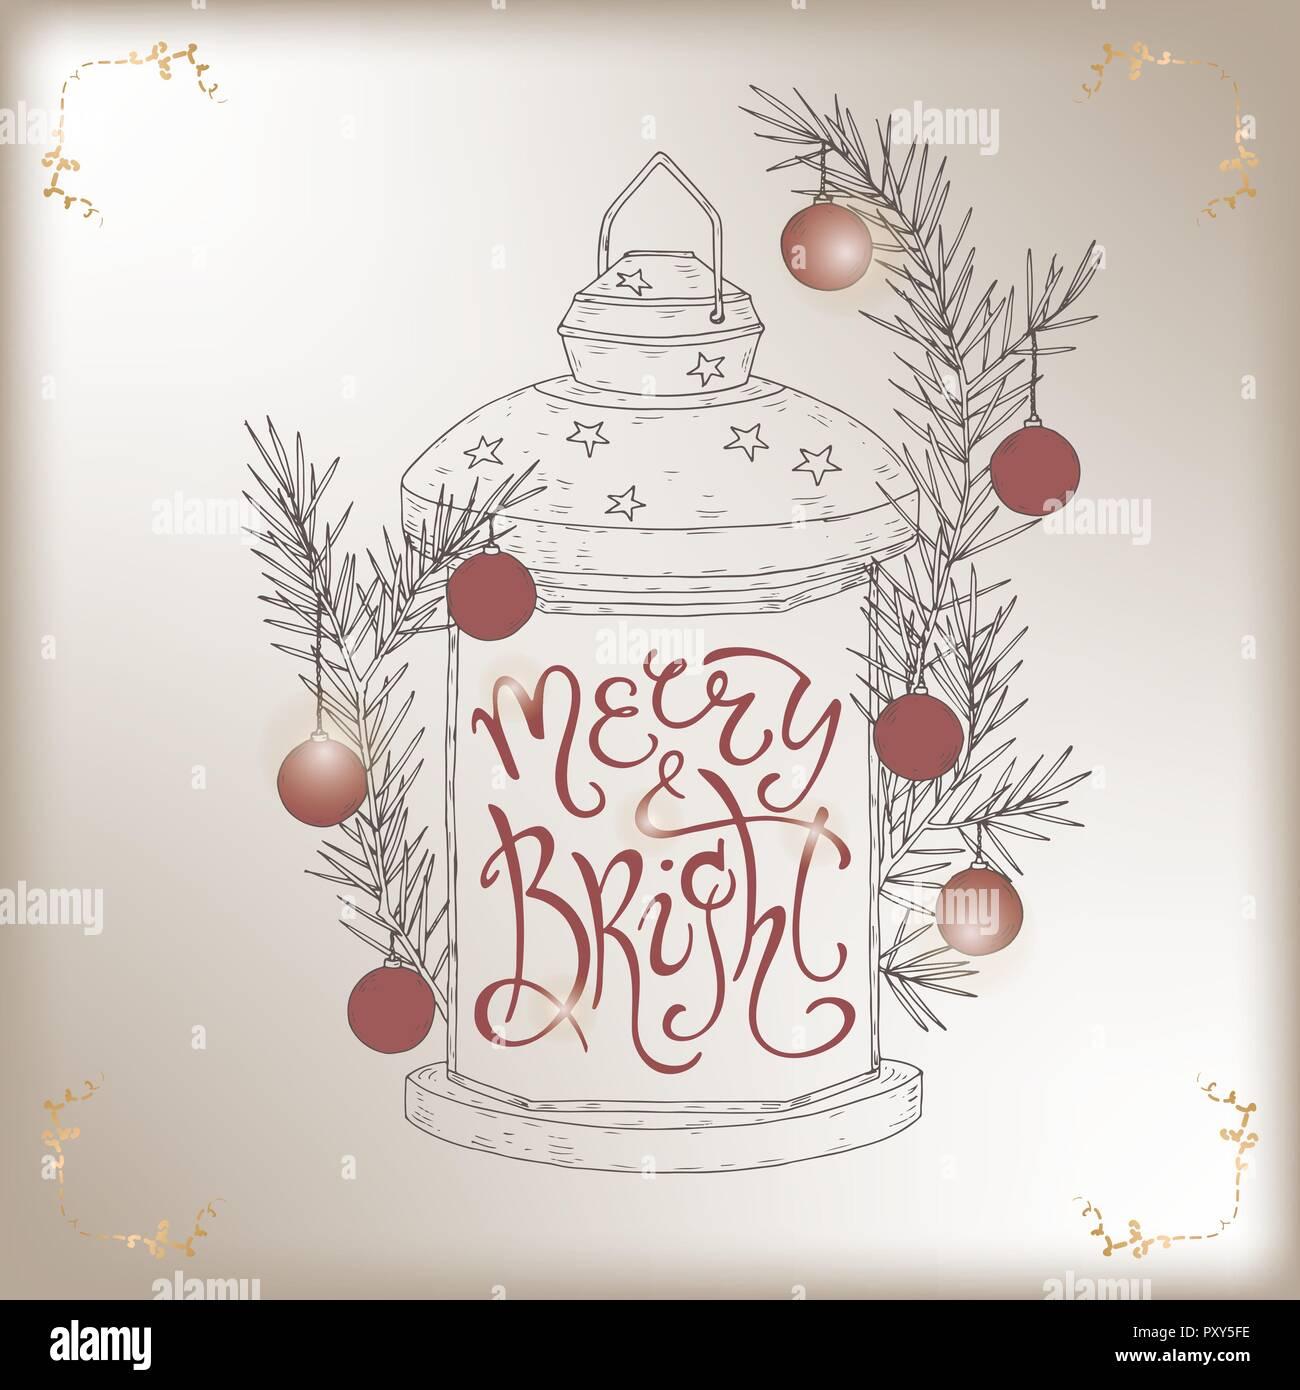 Navidad Letras Cepillo Colocado En Un Simple Boceto De Un